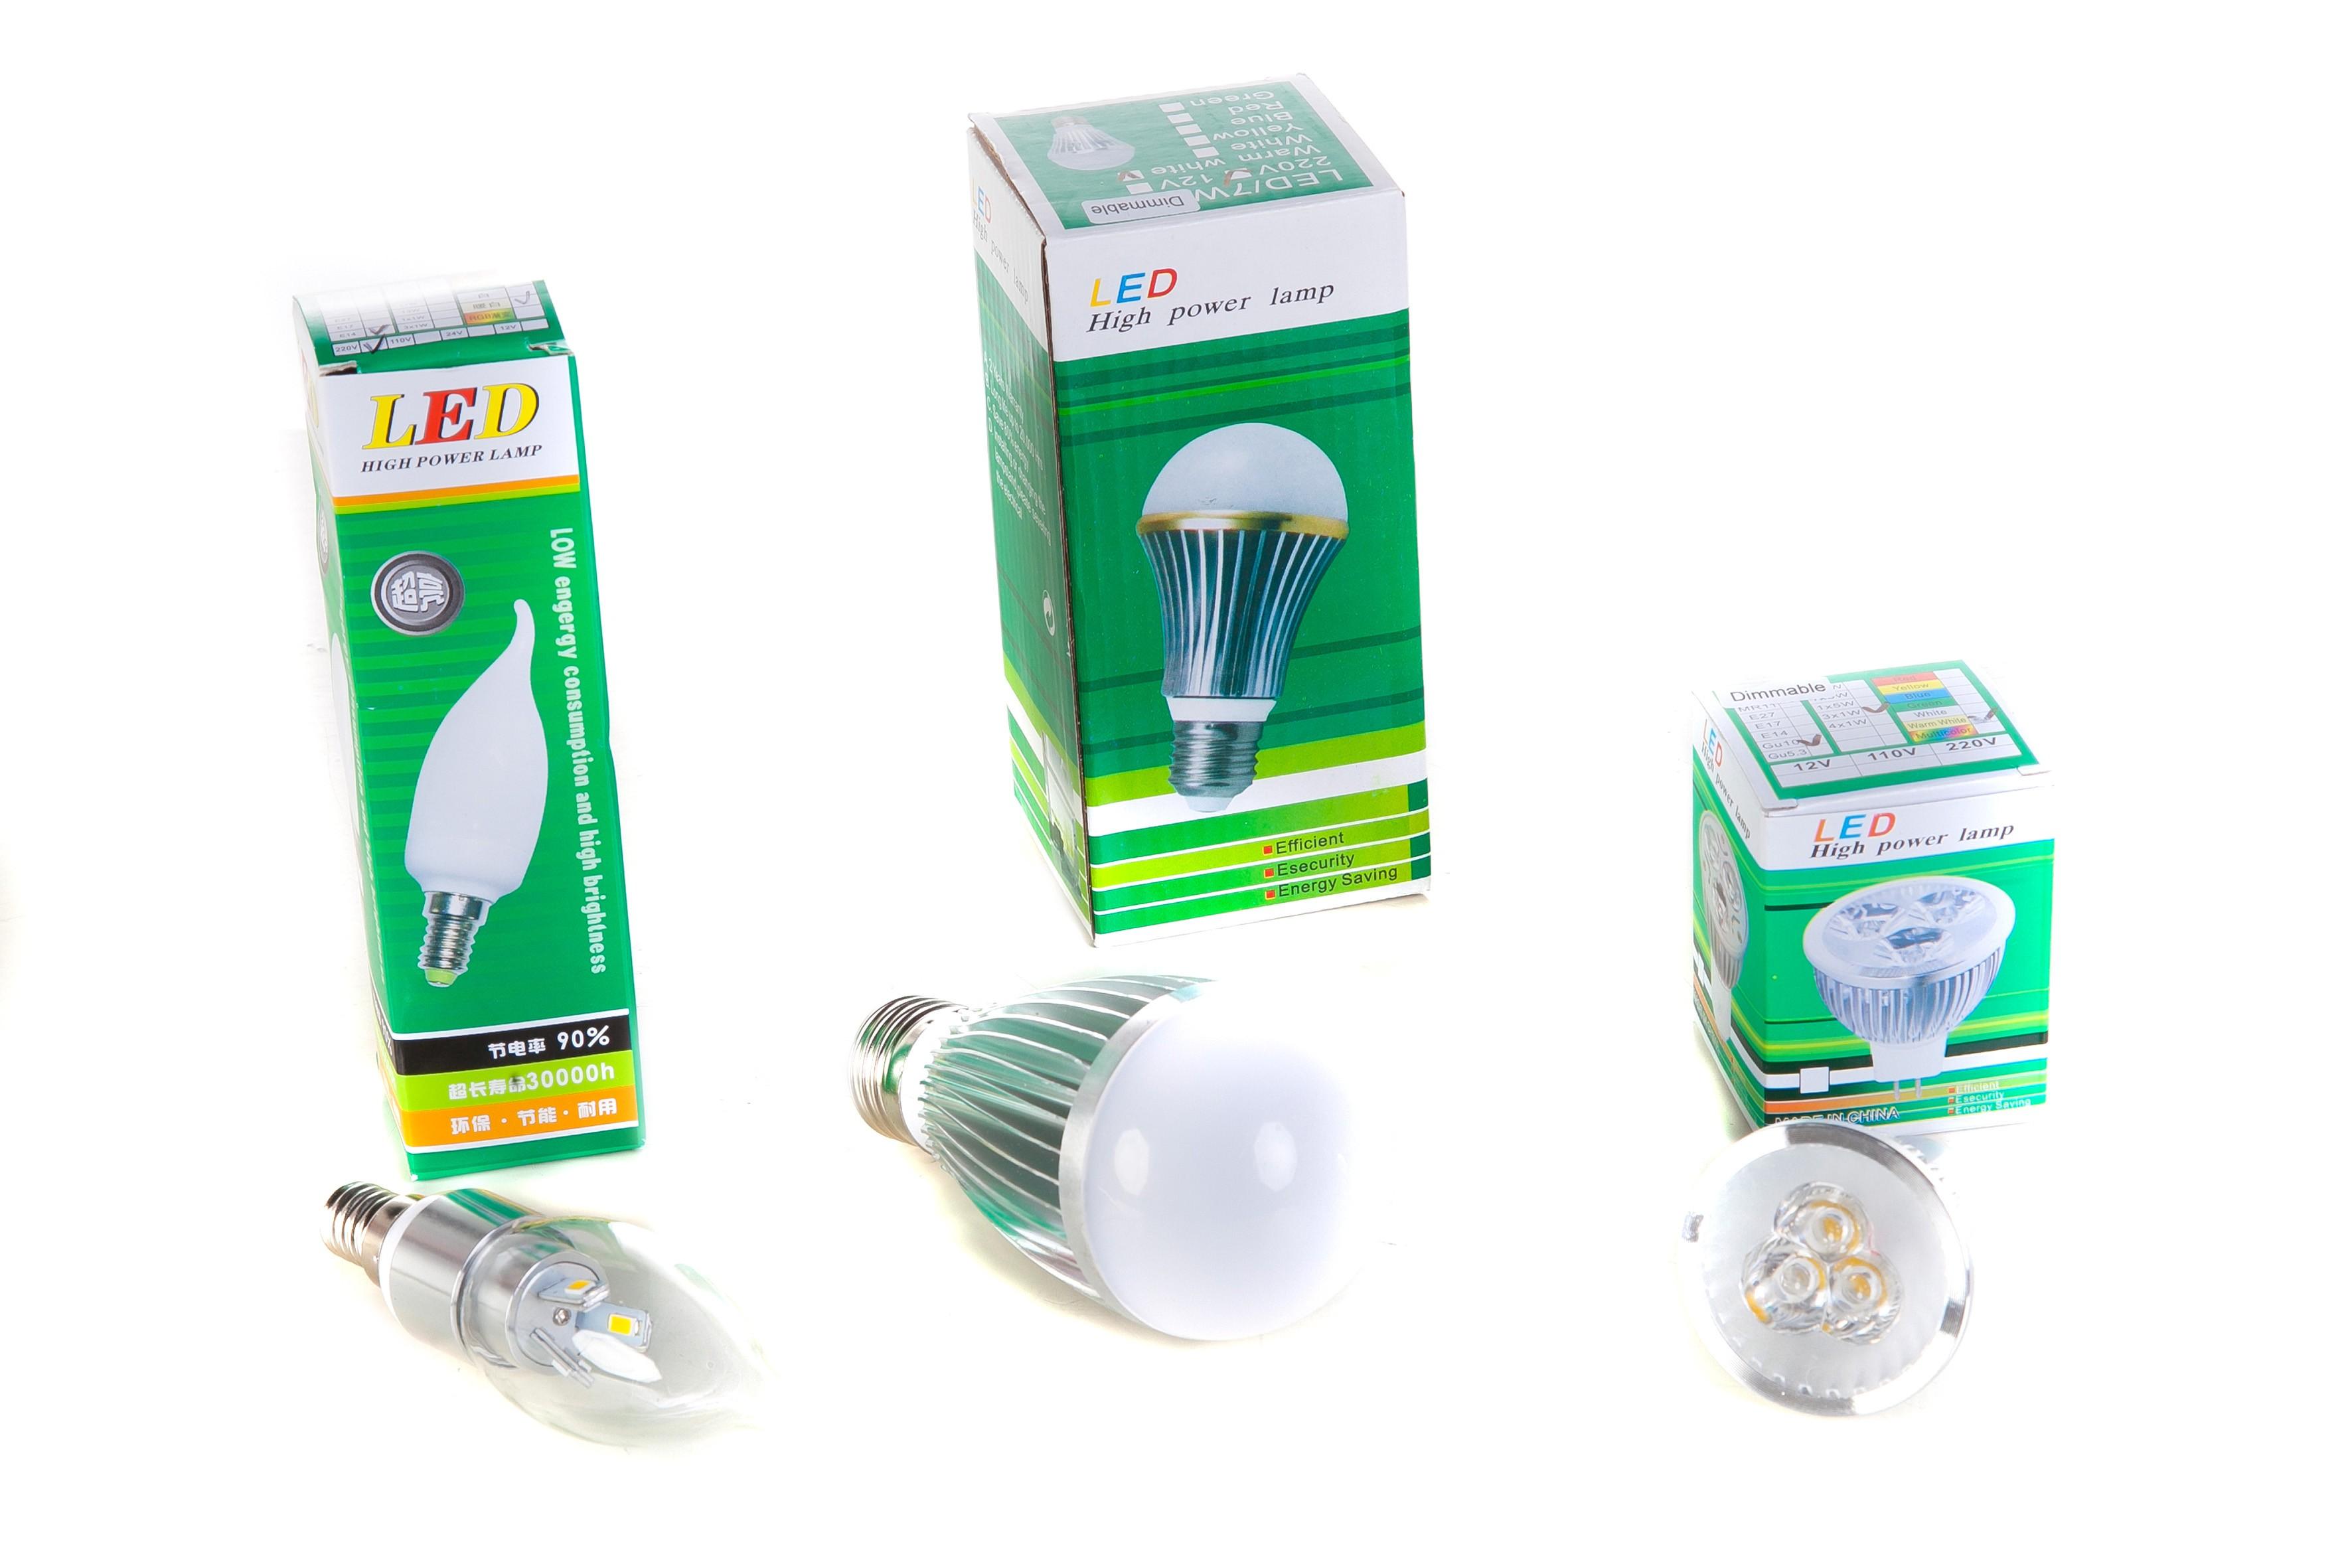 LED bespaarbox 1 - 9 stuks ledlampen